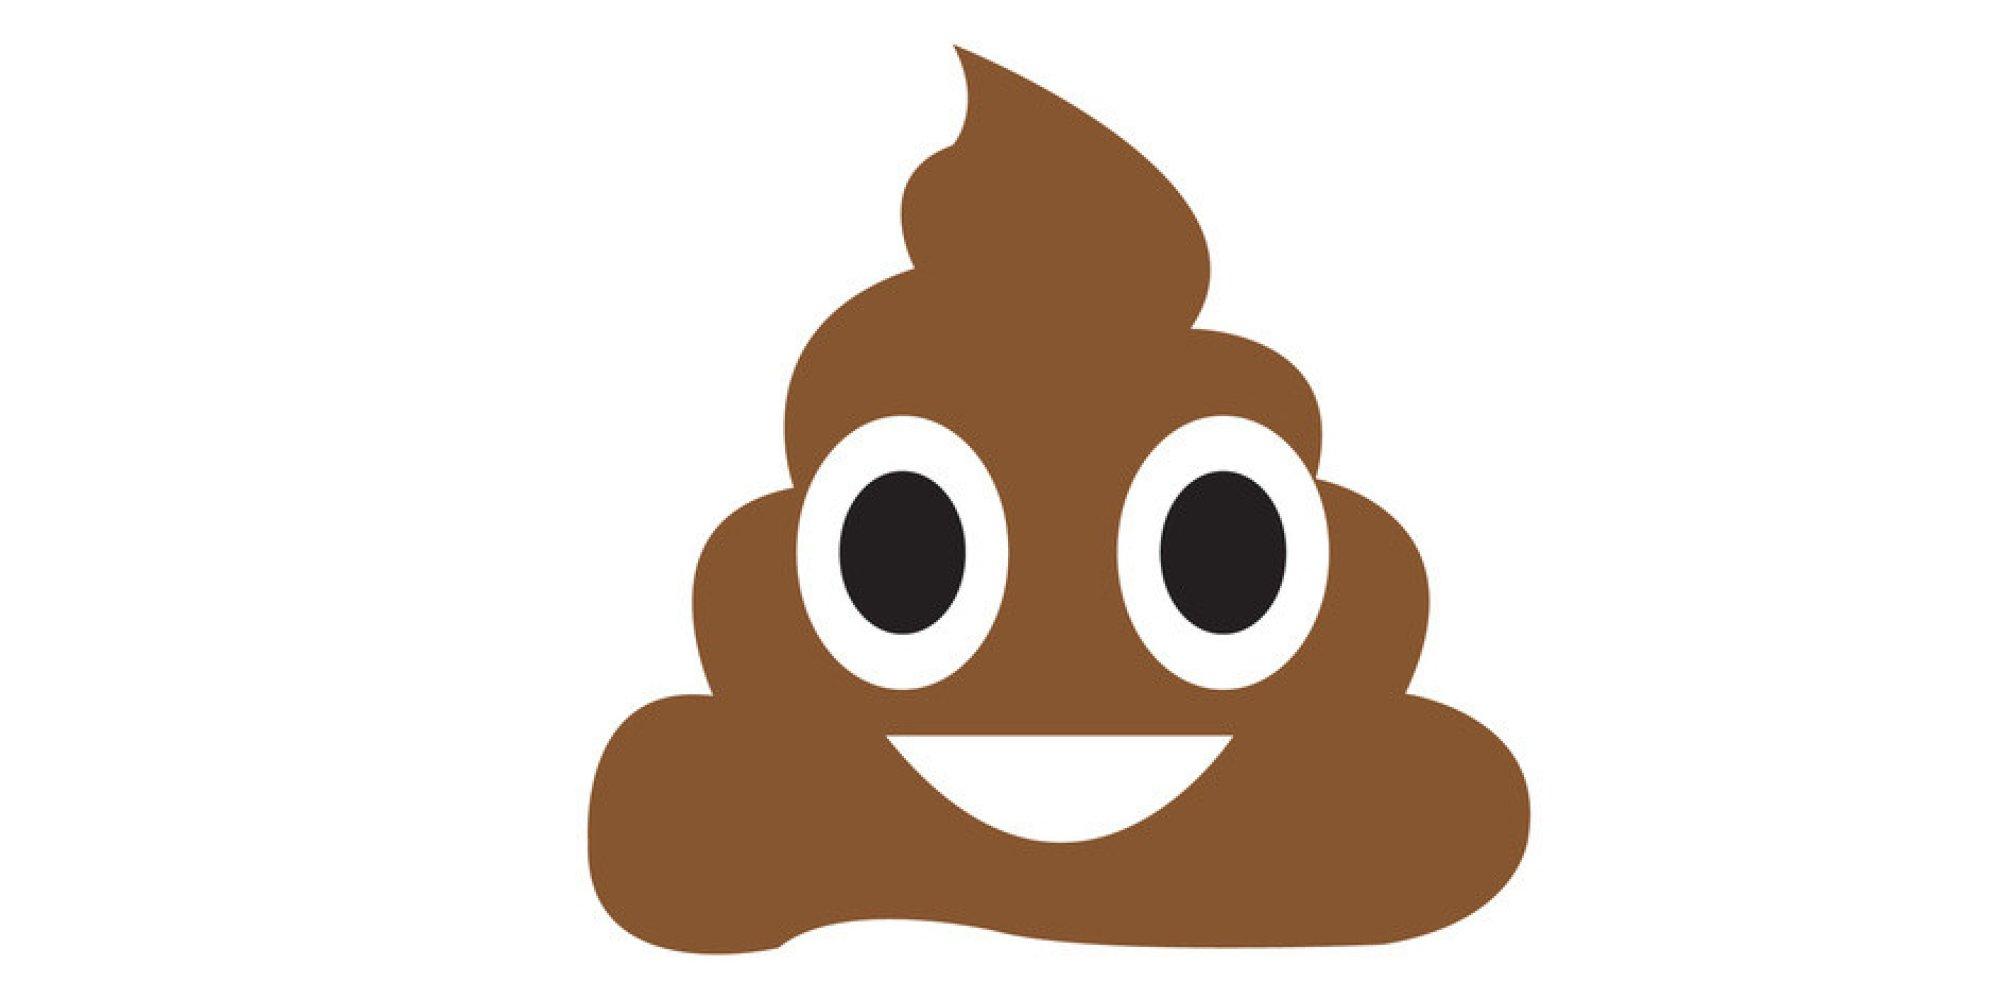 Dog poop clip art